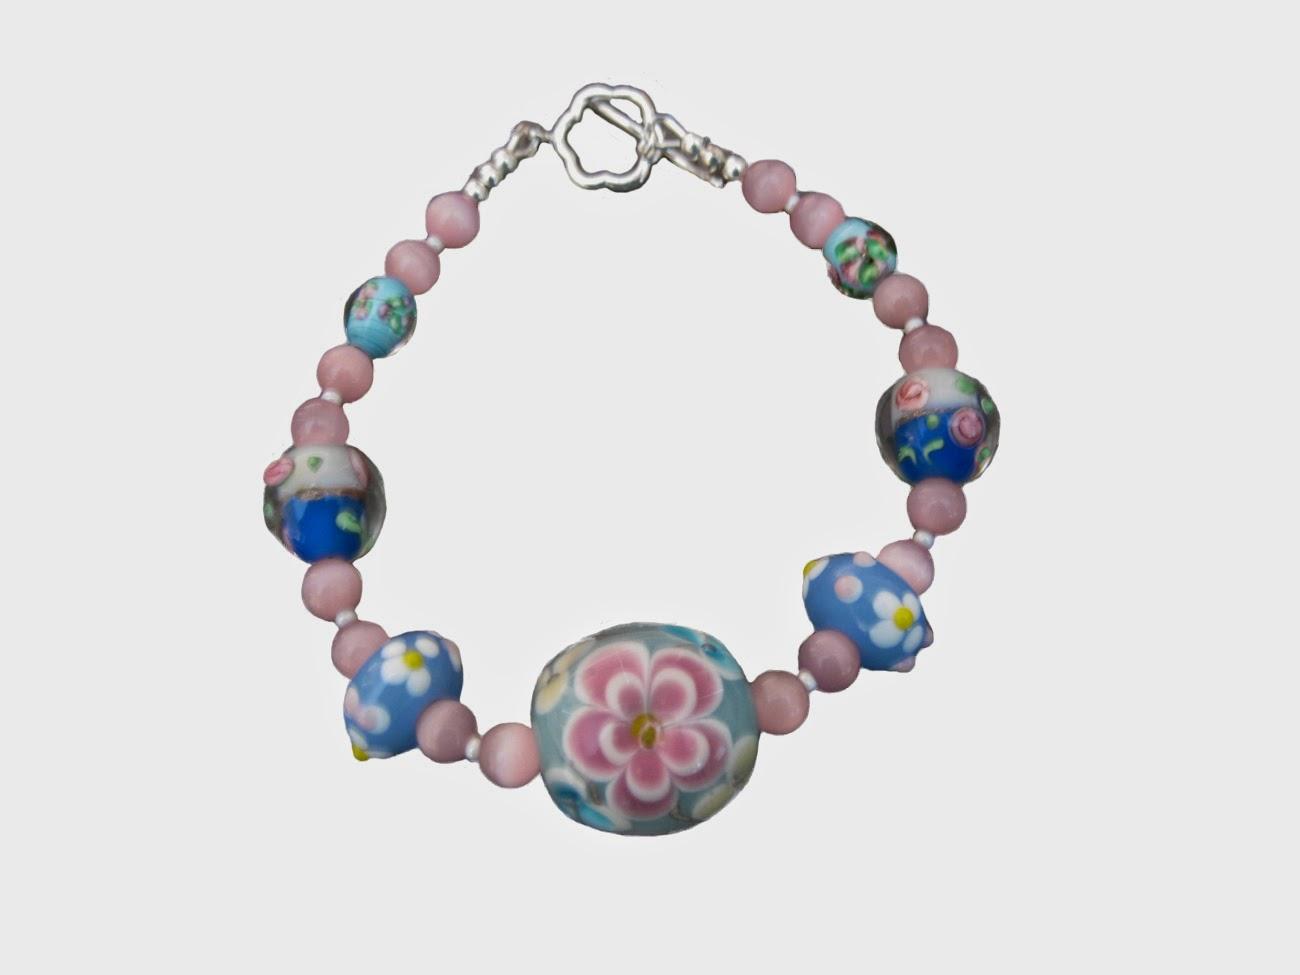 http://www.bonanza.com/listings/Lampwork-Bracelet-Sterling-Pink-Blue-Handmade/105793979